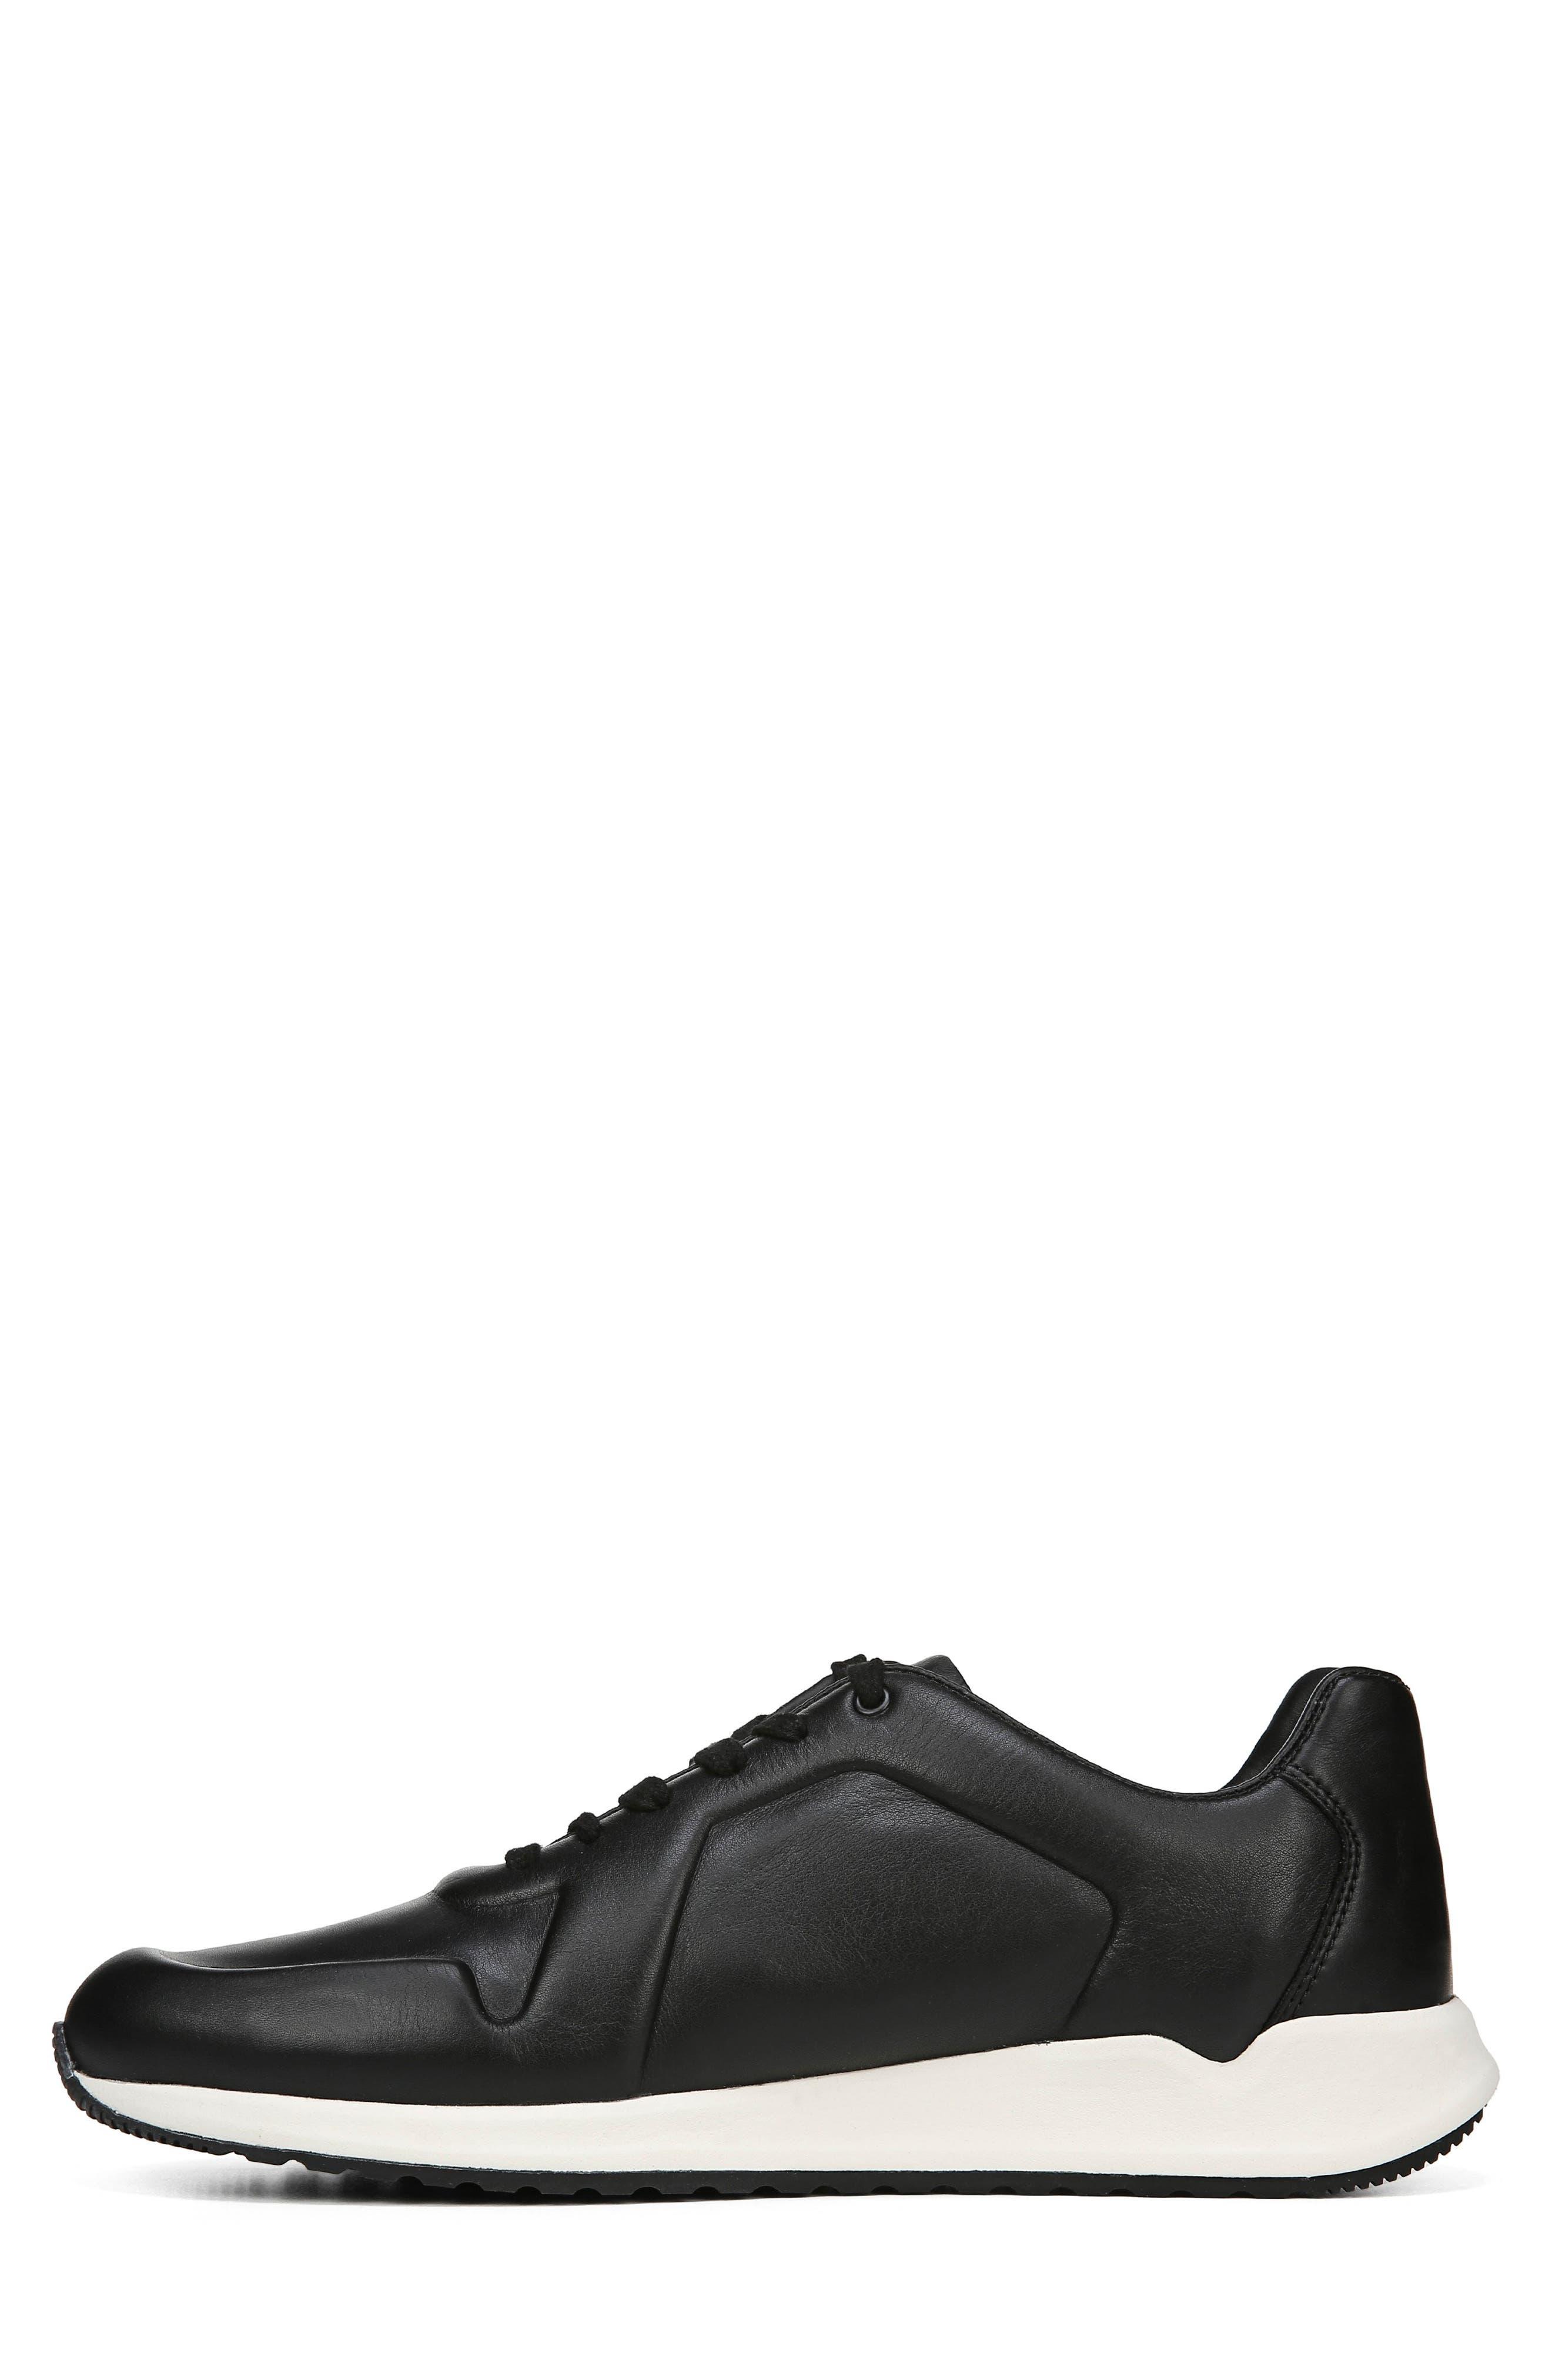 Garrett Sneaker,                             Alternate thumbnail 9, color,                             BLACK/ BLACK